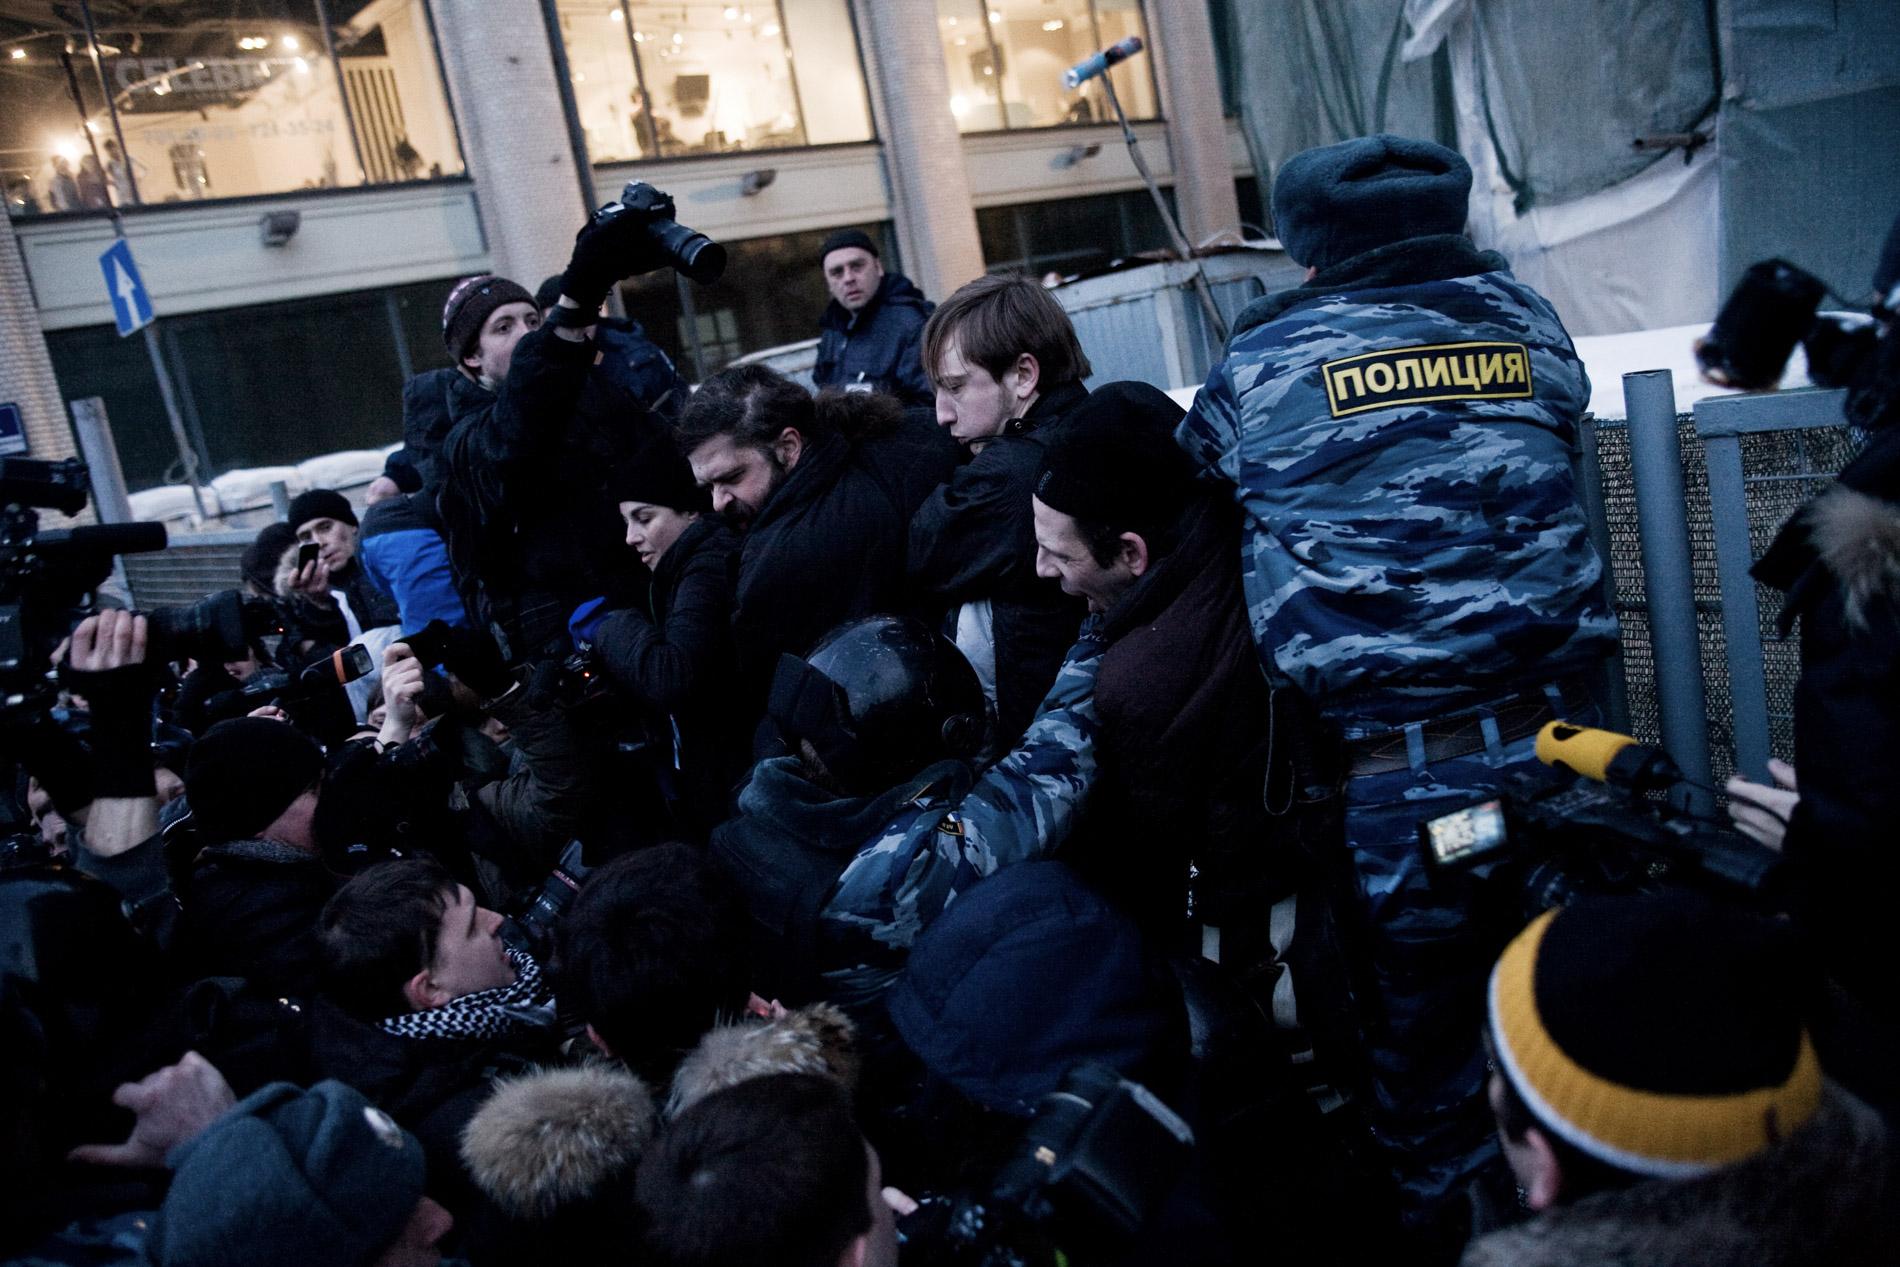 Des opposants a Vladimir Poutine, de la coalition